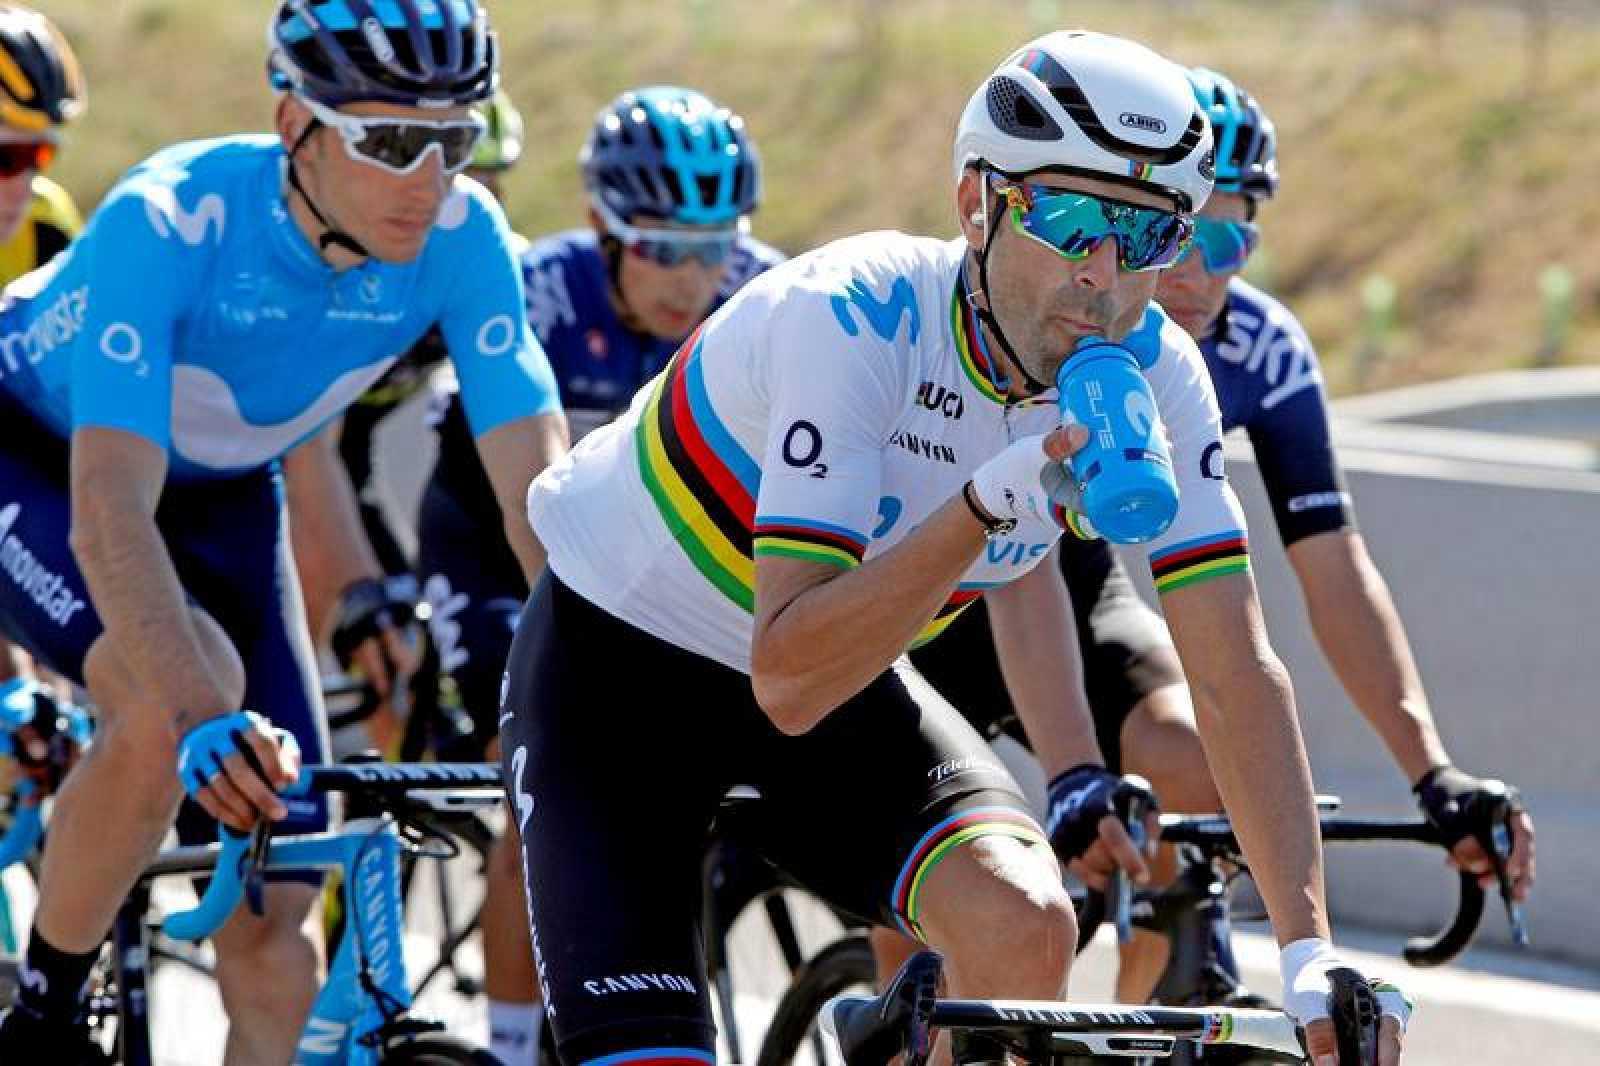 El ciclista español Alejandro Valverde no correrá finalmente el Giro de Italia, primera gran vuelta del año, como consecuencia del golpe sufrido hace unos días en la Lieja-Bastoña-Lieja, según ha anunciado su equipo Movistar.